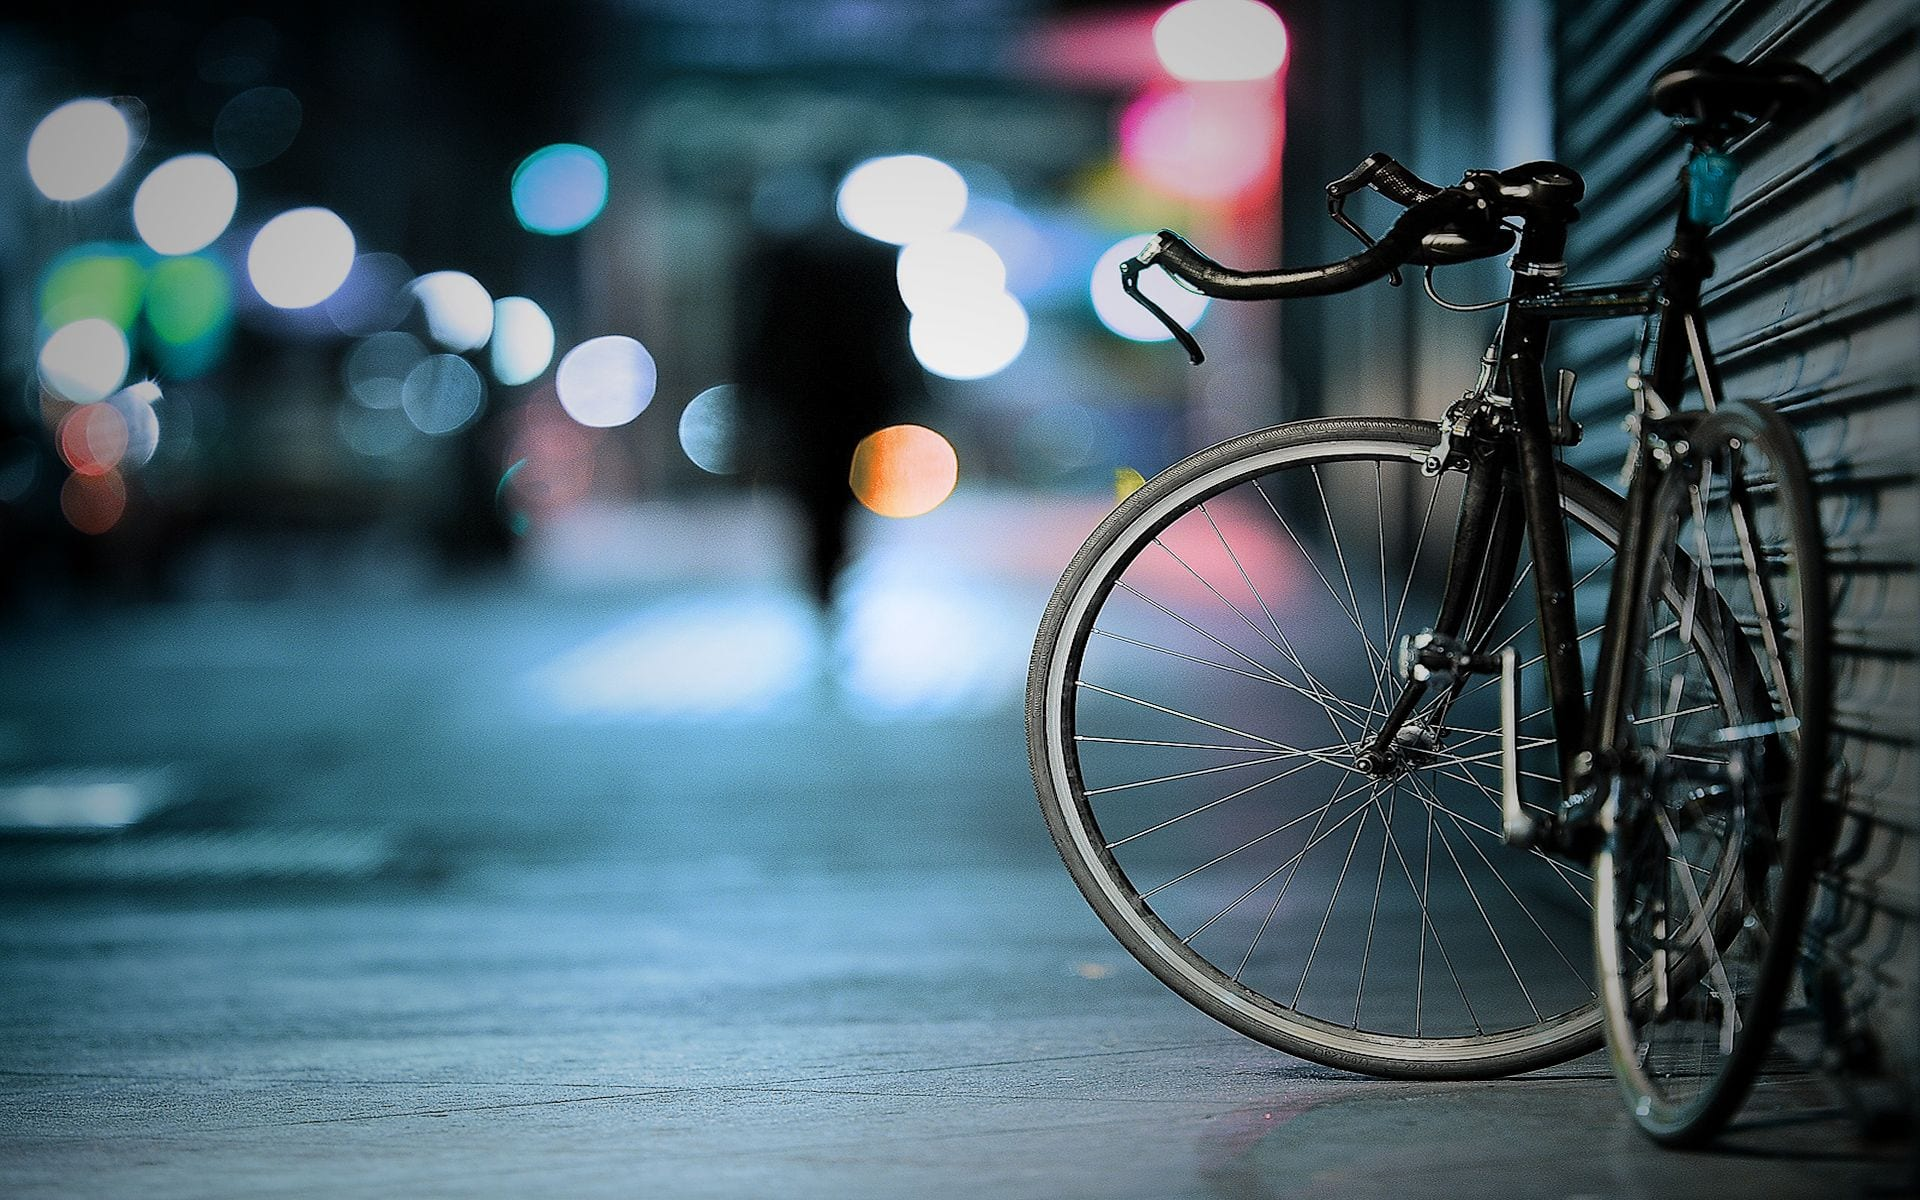 6 Dôvodov, Prečo Sa Pustiť Do Cyklistiky S Olympijským Športovcom Bryanom Steelom